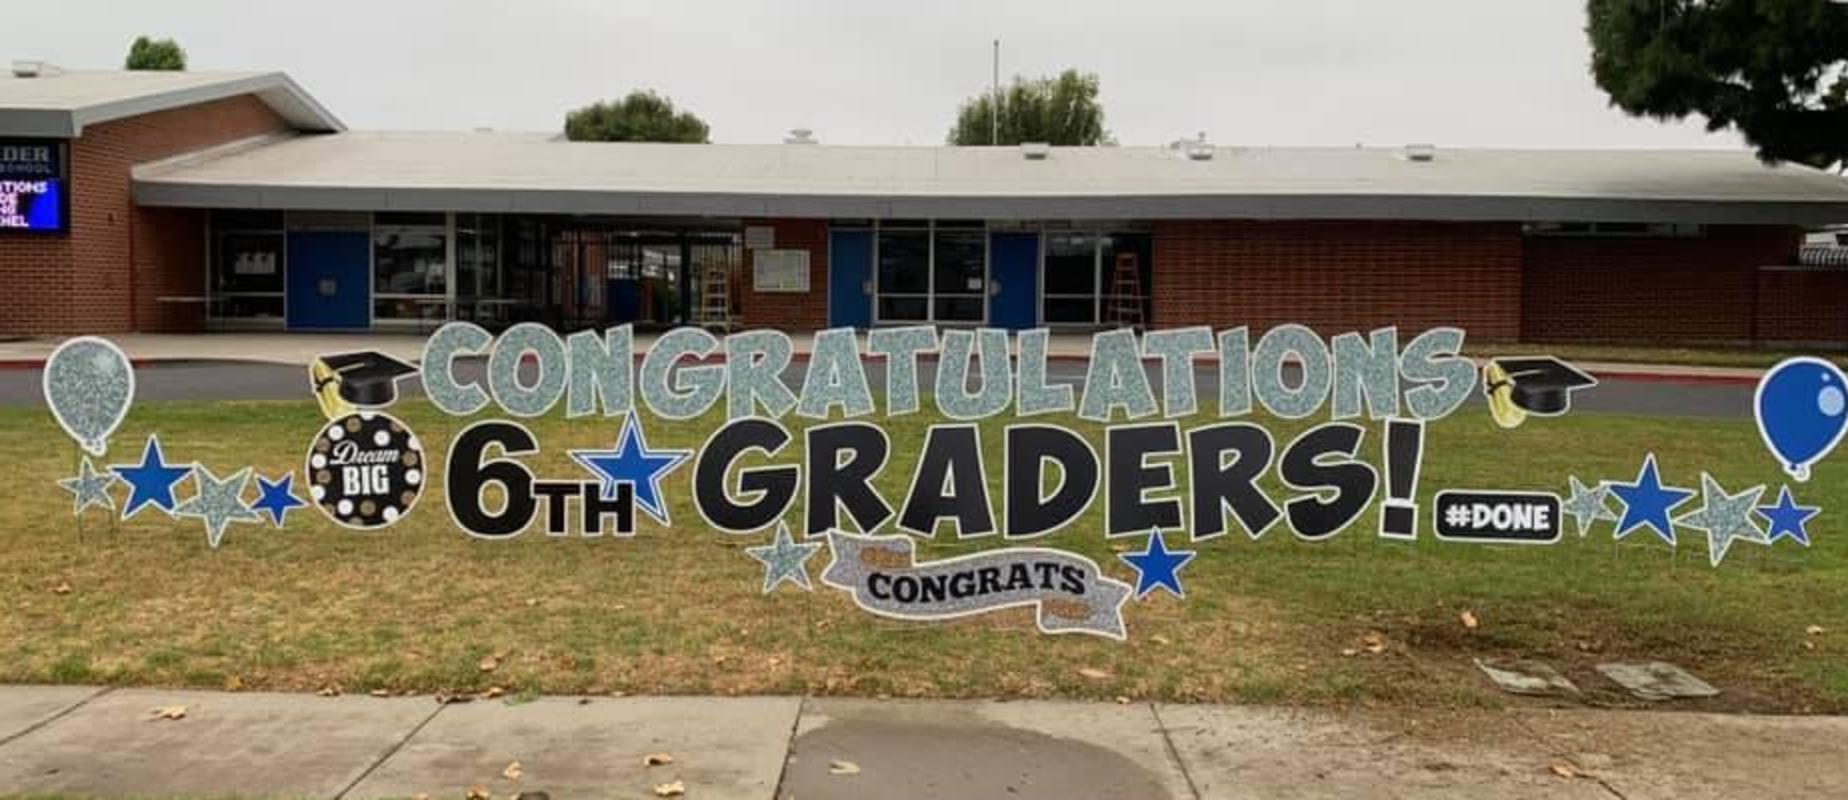 congrats 6th graders sign